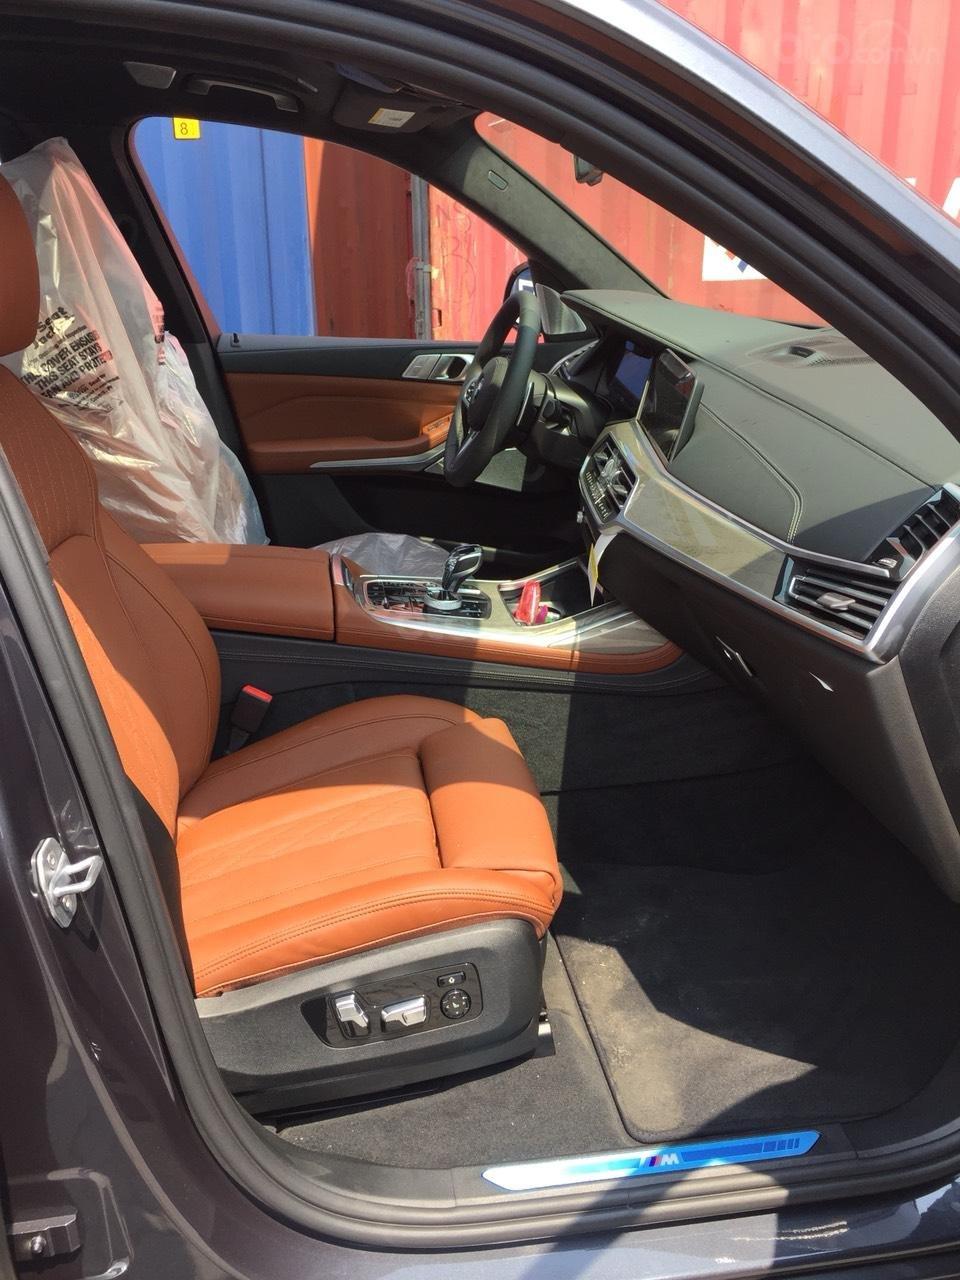 Bán BMW X7 M-sport xdrive 40i, đủ màu giao ngay, xe full option, nhận ép biển đẹp (15)